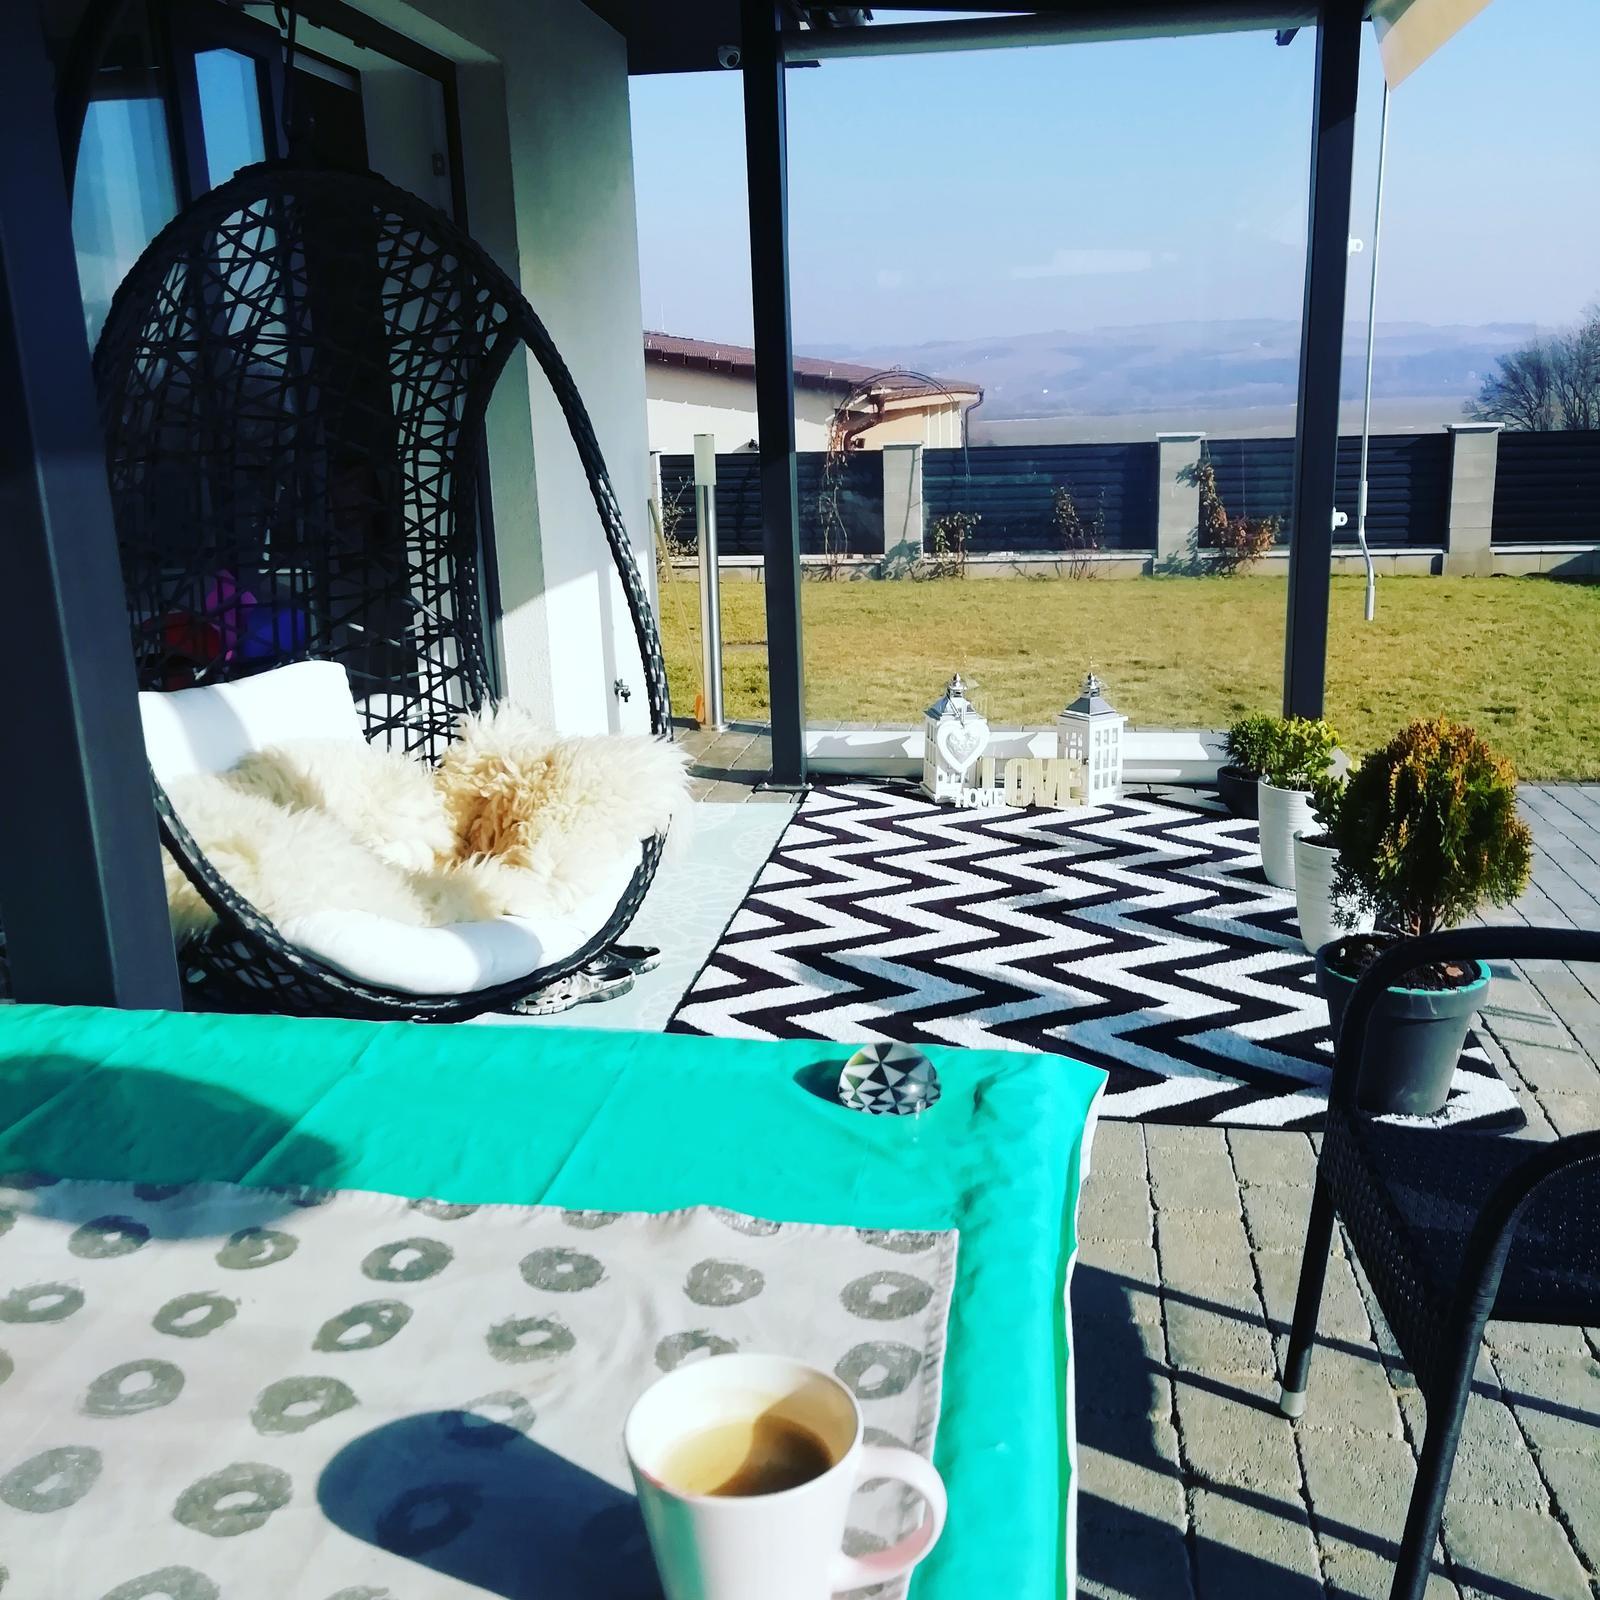 Záhradka 2019/20 bývame 4 a 5 rok :-) - Sezóna zahájená prvá kávička na terase ☀️☕👍 konečne 8.2.2019